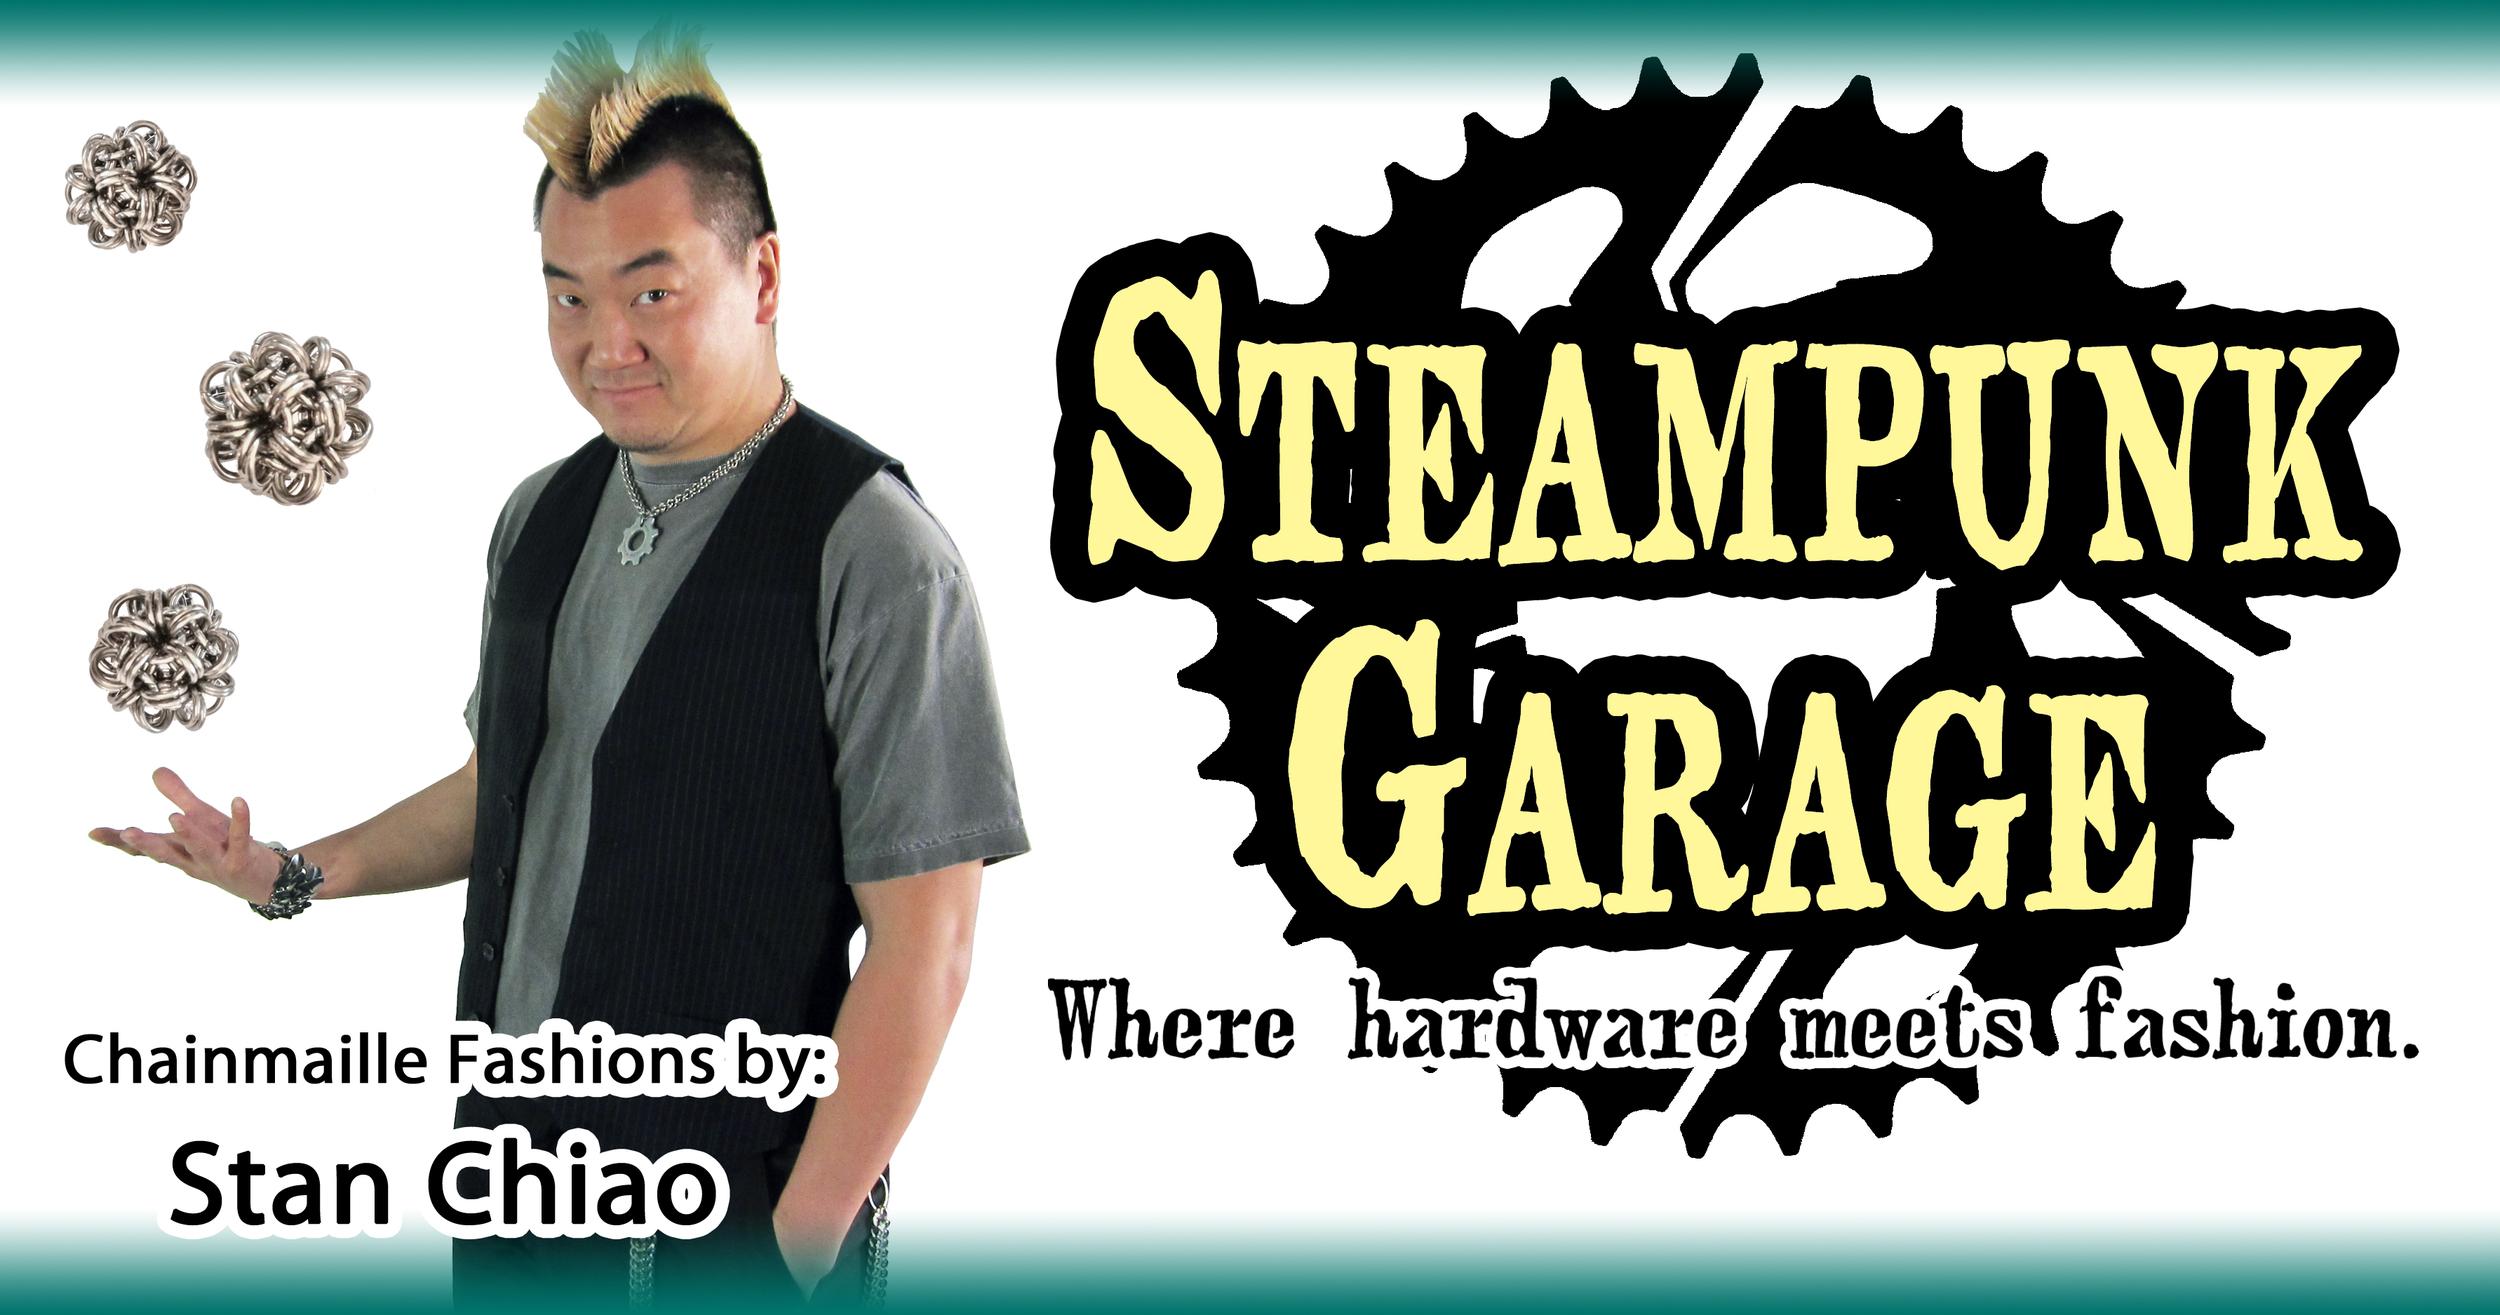 Steampunk Garage